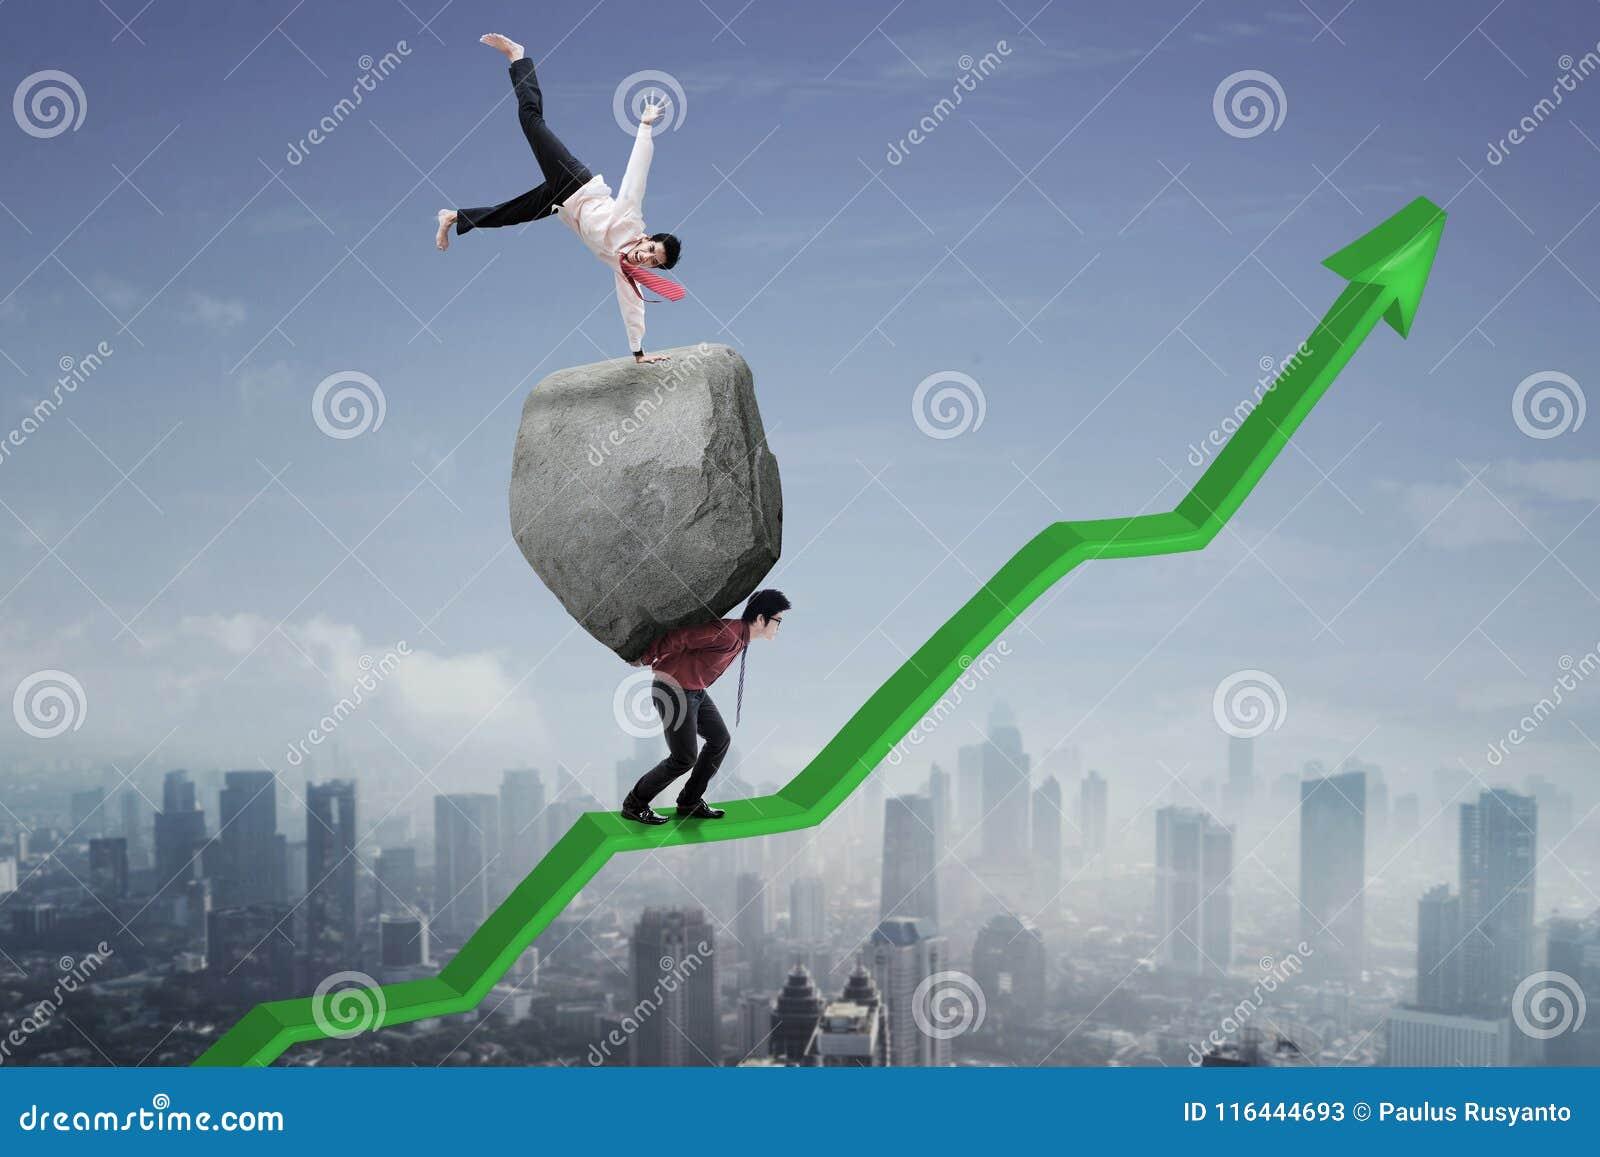 Επιτυχής επιχειρηματίας με το συνεργάτη του πρός τα πάνω σε ένα βέλος